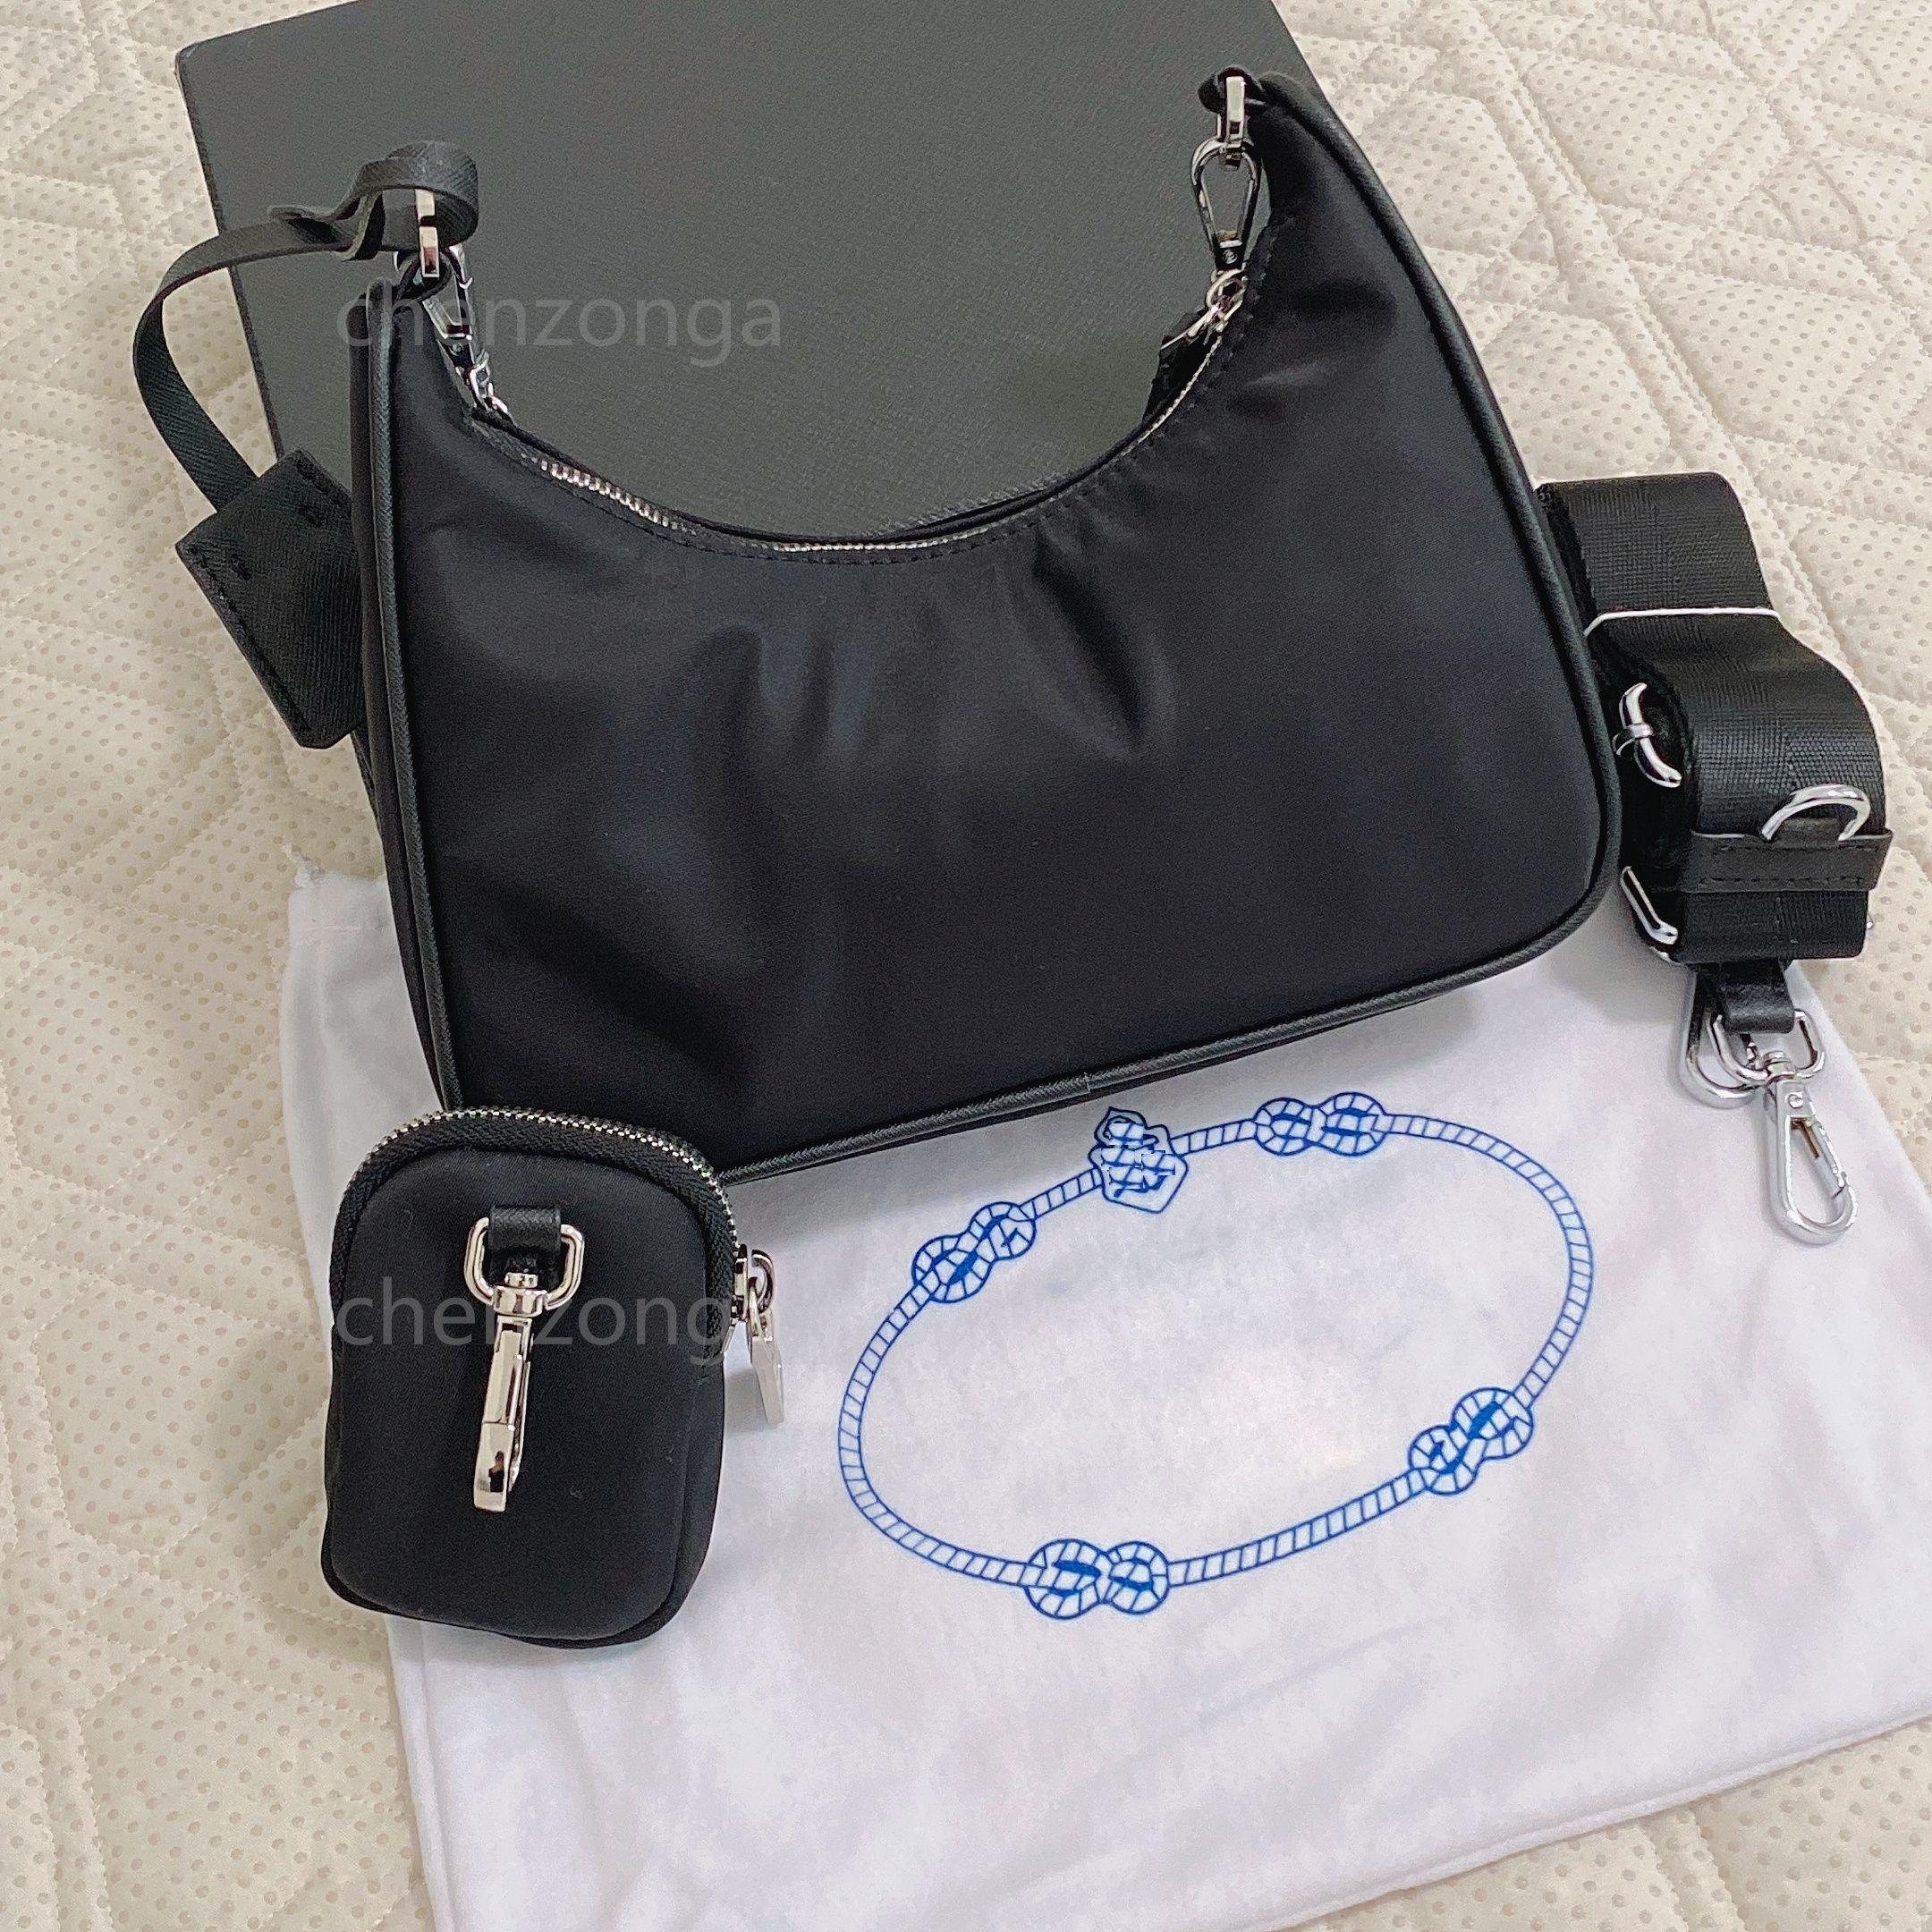 حقائب اليد حقائب محفظة حمل حقيبة الكتف أعلى مقبض حقيبة محفظة